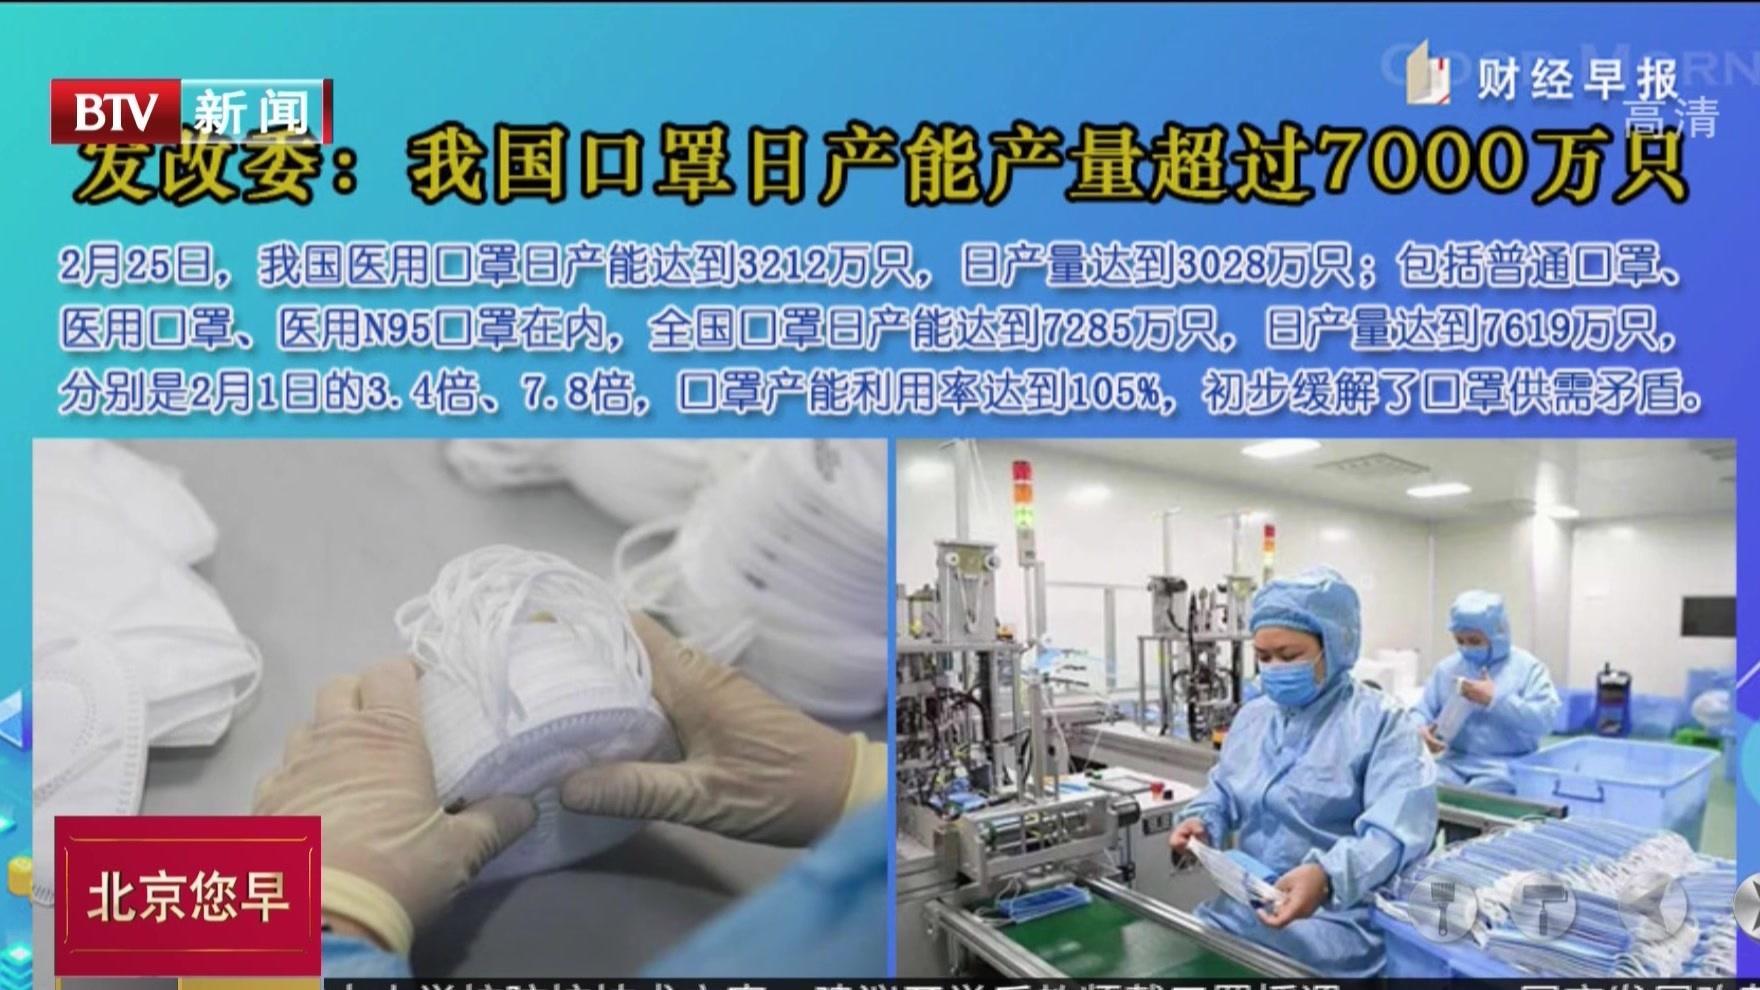 发改委:我国口罩日产能产量超过7000万只